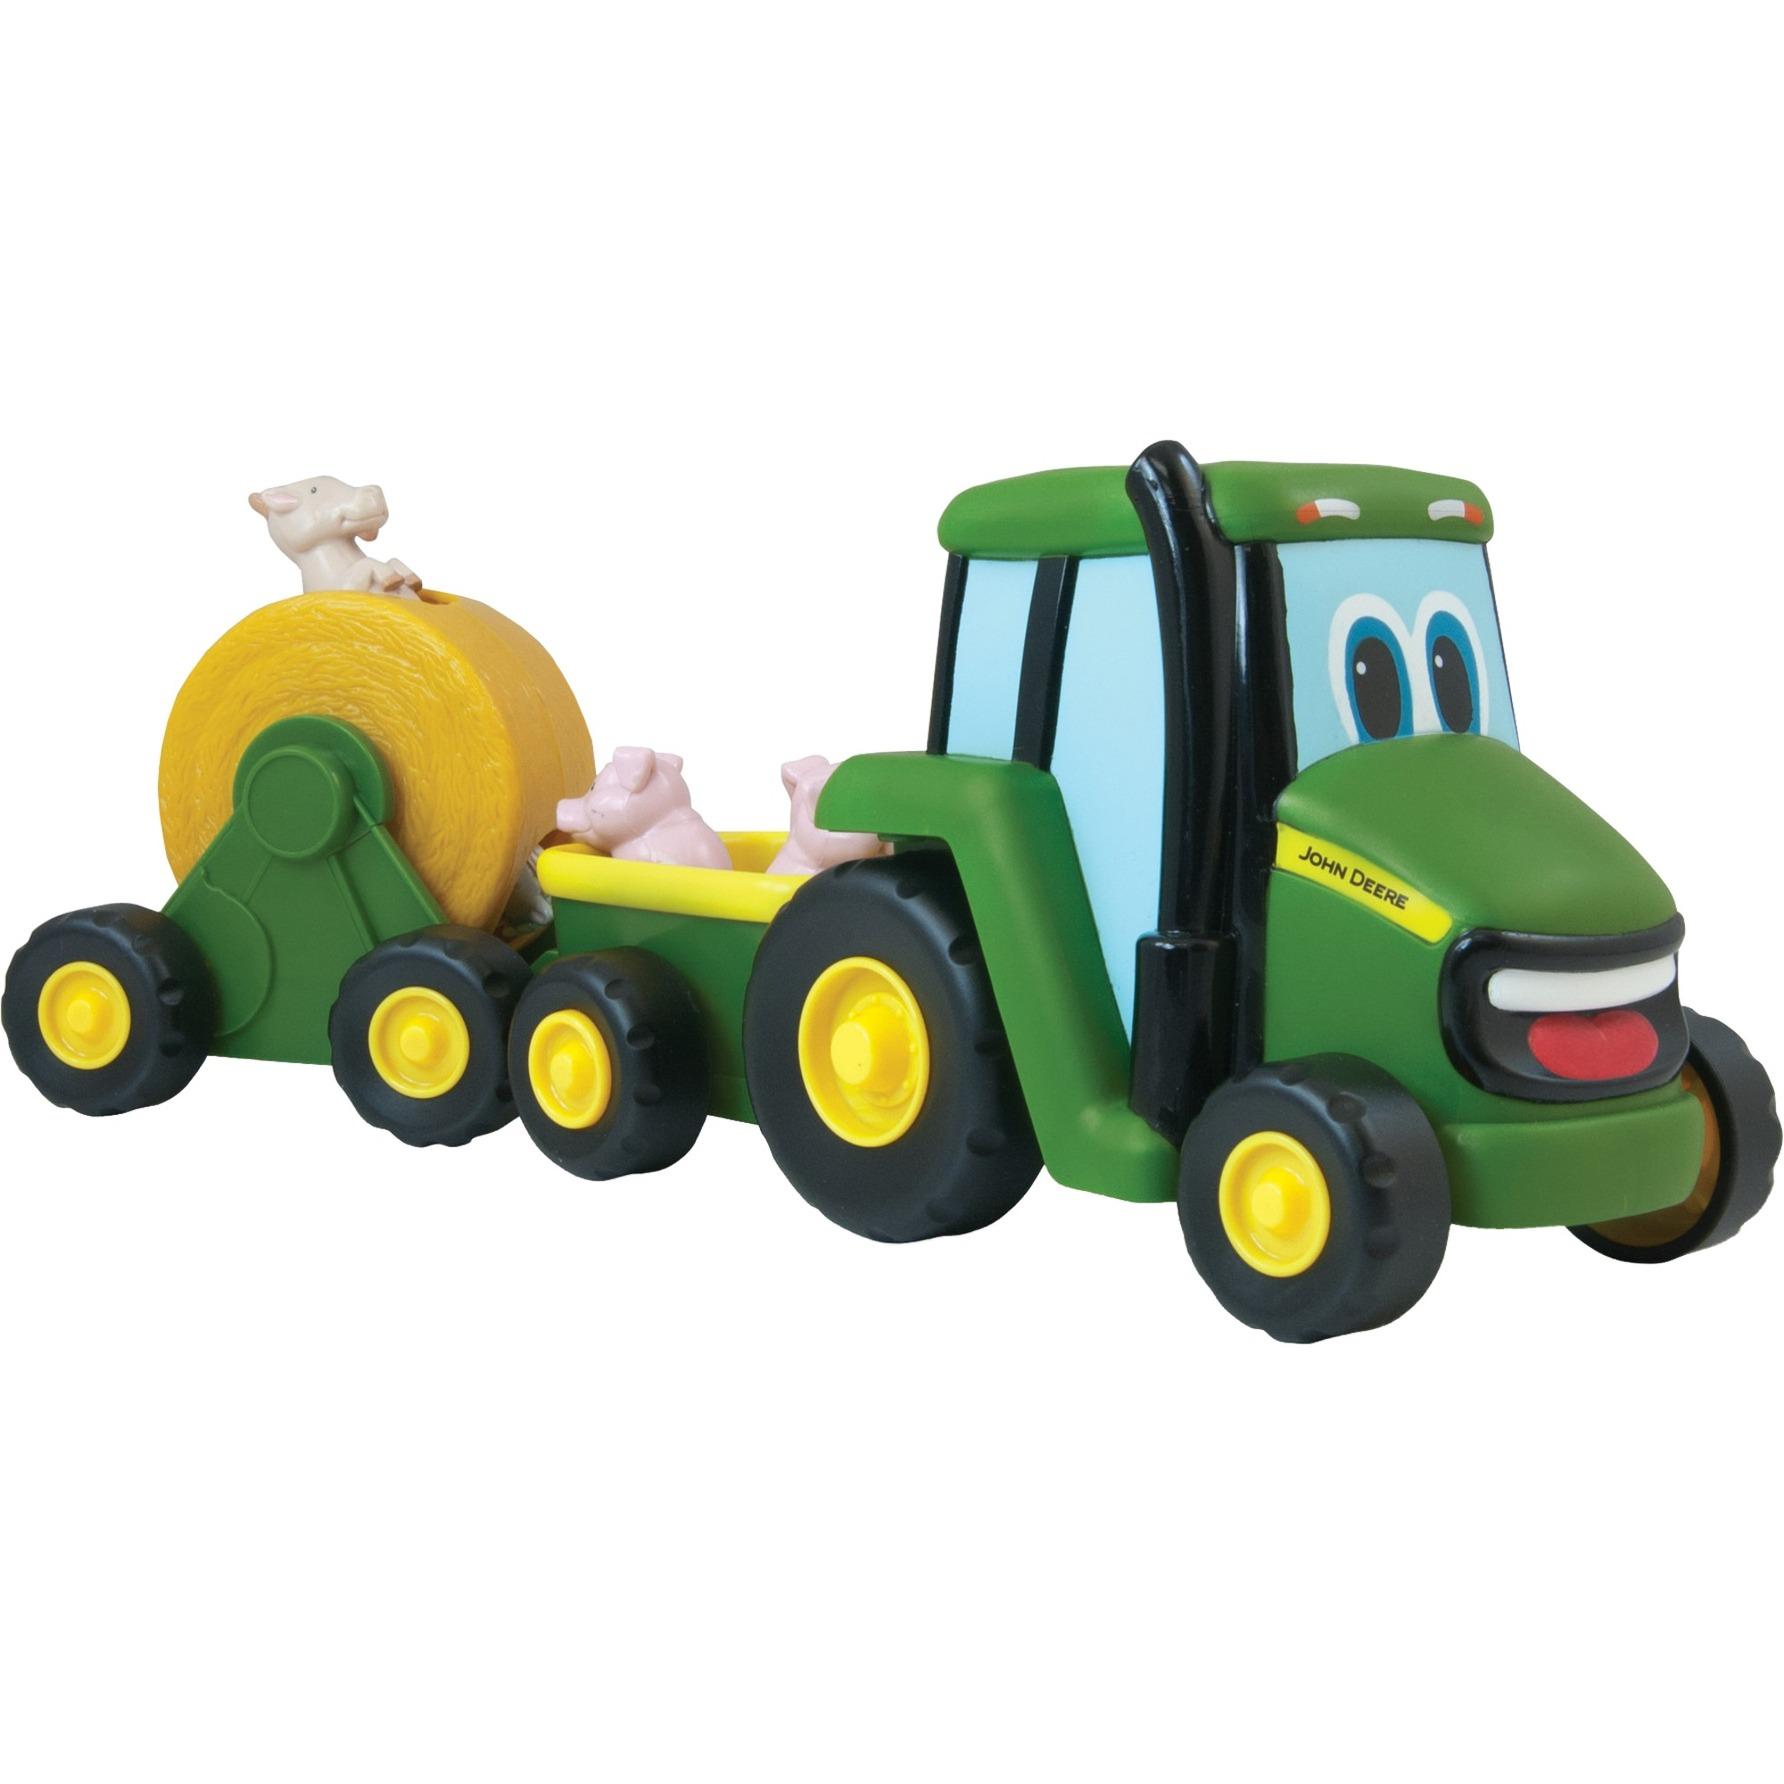 35089, Vehículo de juguete